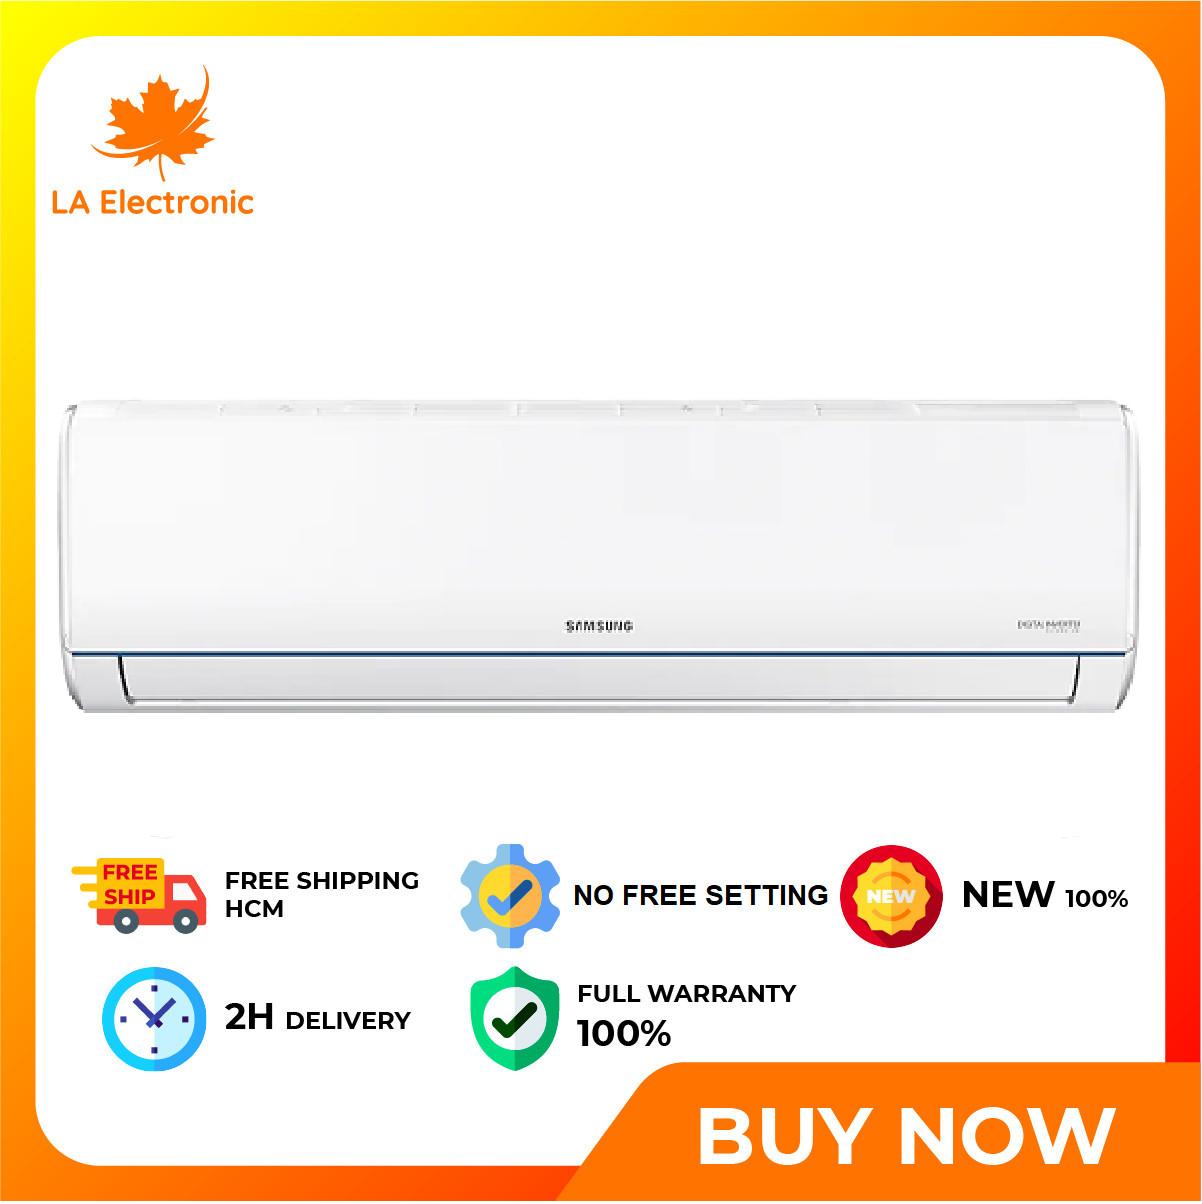 [GIAO HÀNG 2 – 15 NGÀY, TRỄ NHẤT 15.08] Trả Góp 0% – Máy lạnh Samsung Inverter 1 HP AR09TYHQASINSV – Miễn phí vận chuyển HCM